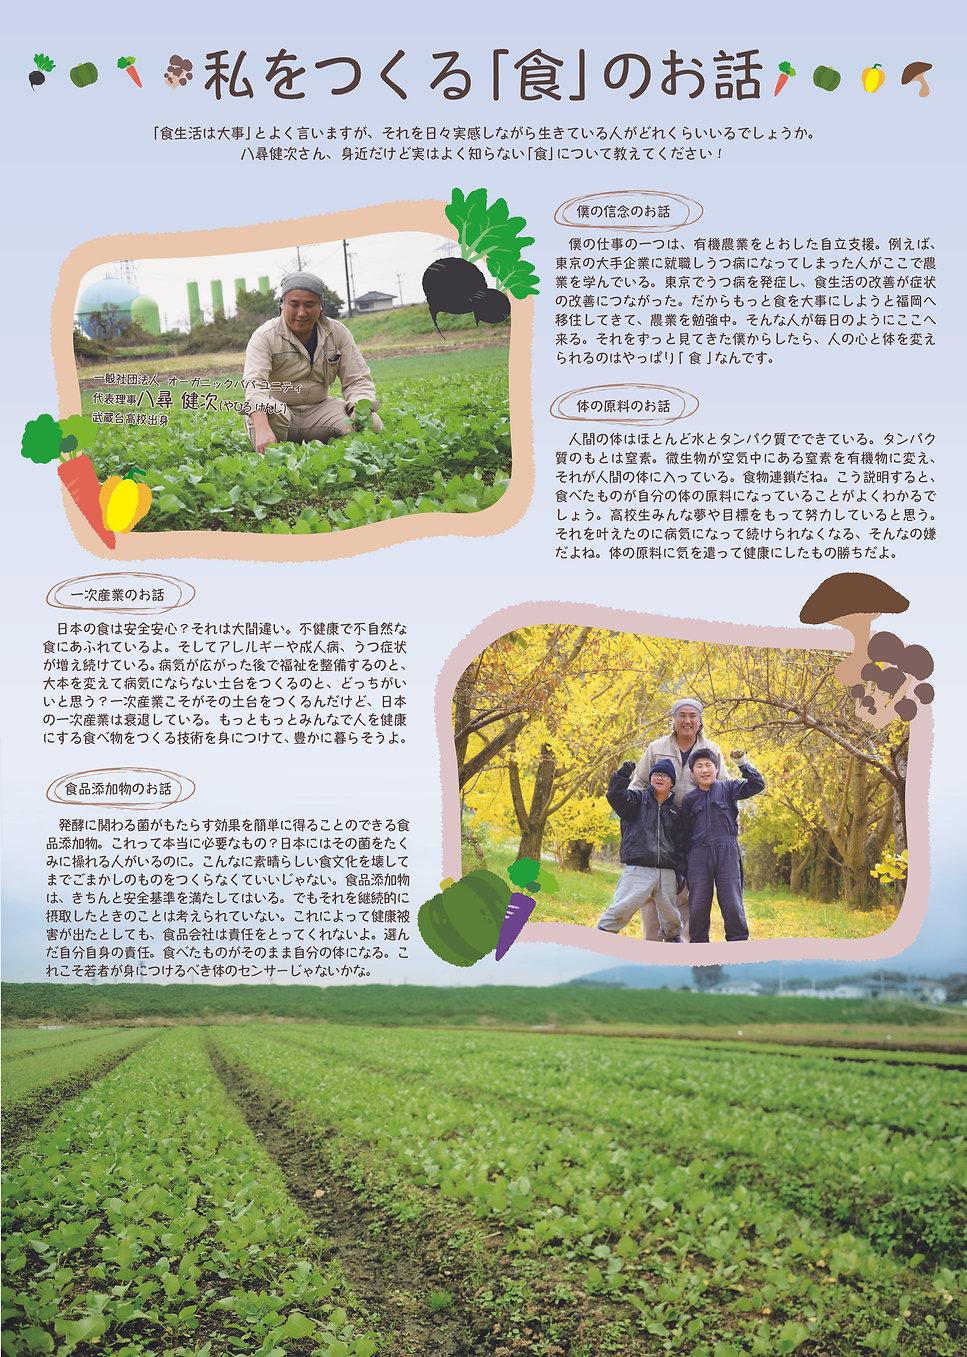 『ピカイチ』食育記事.jpg